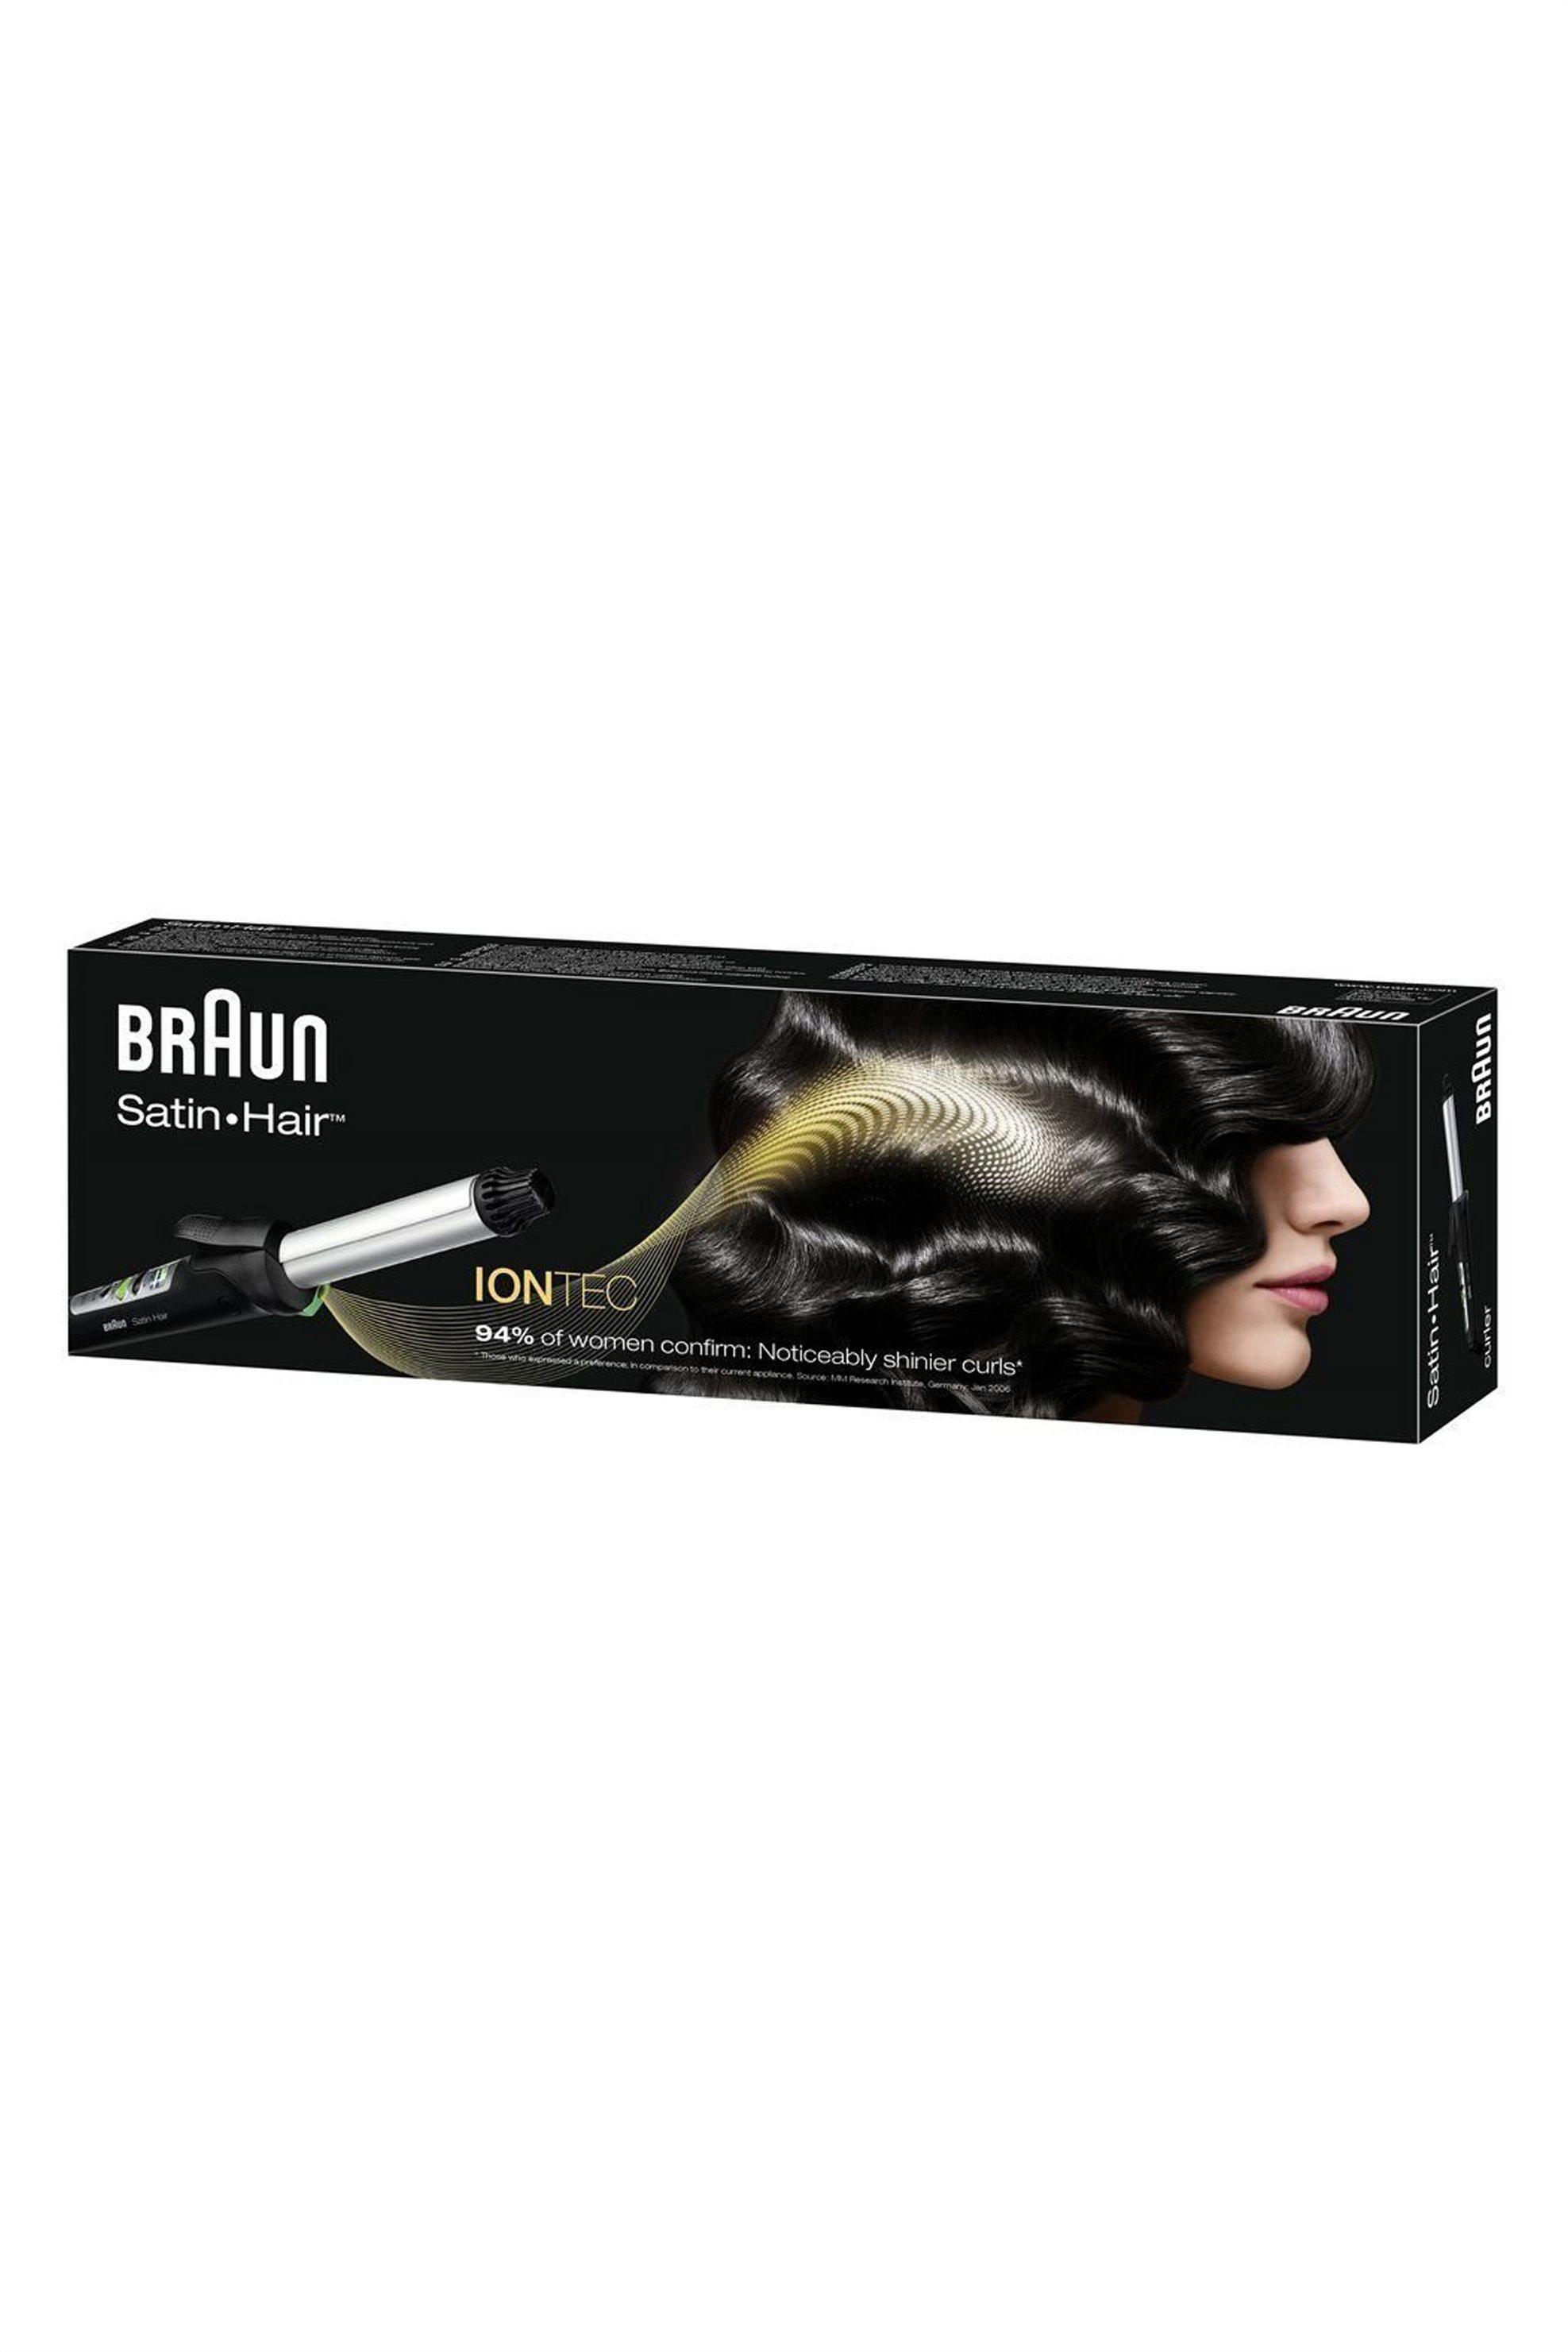 Συσκευή για μπούκλες Braun Satin Hair 7 Braun - EC1/11 home   συσκευεσ περιποιησησ   ψαλίδια μαλλιών